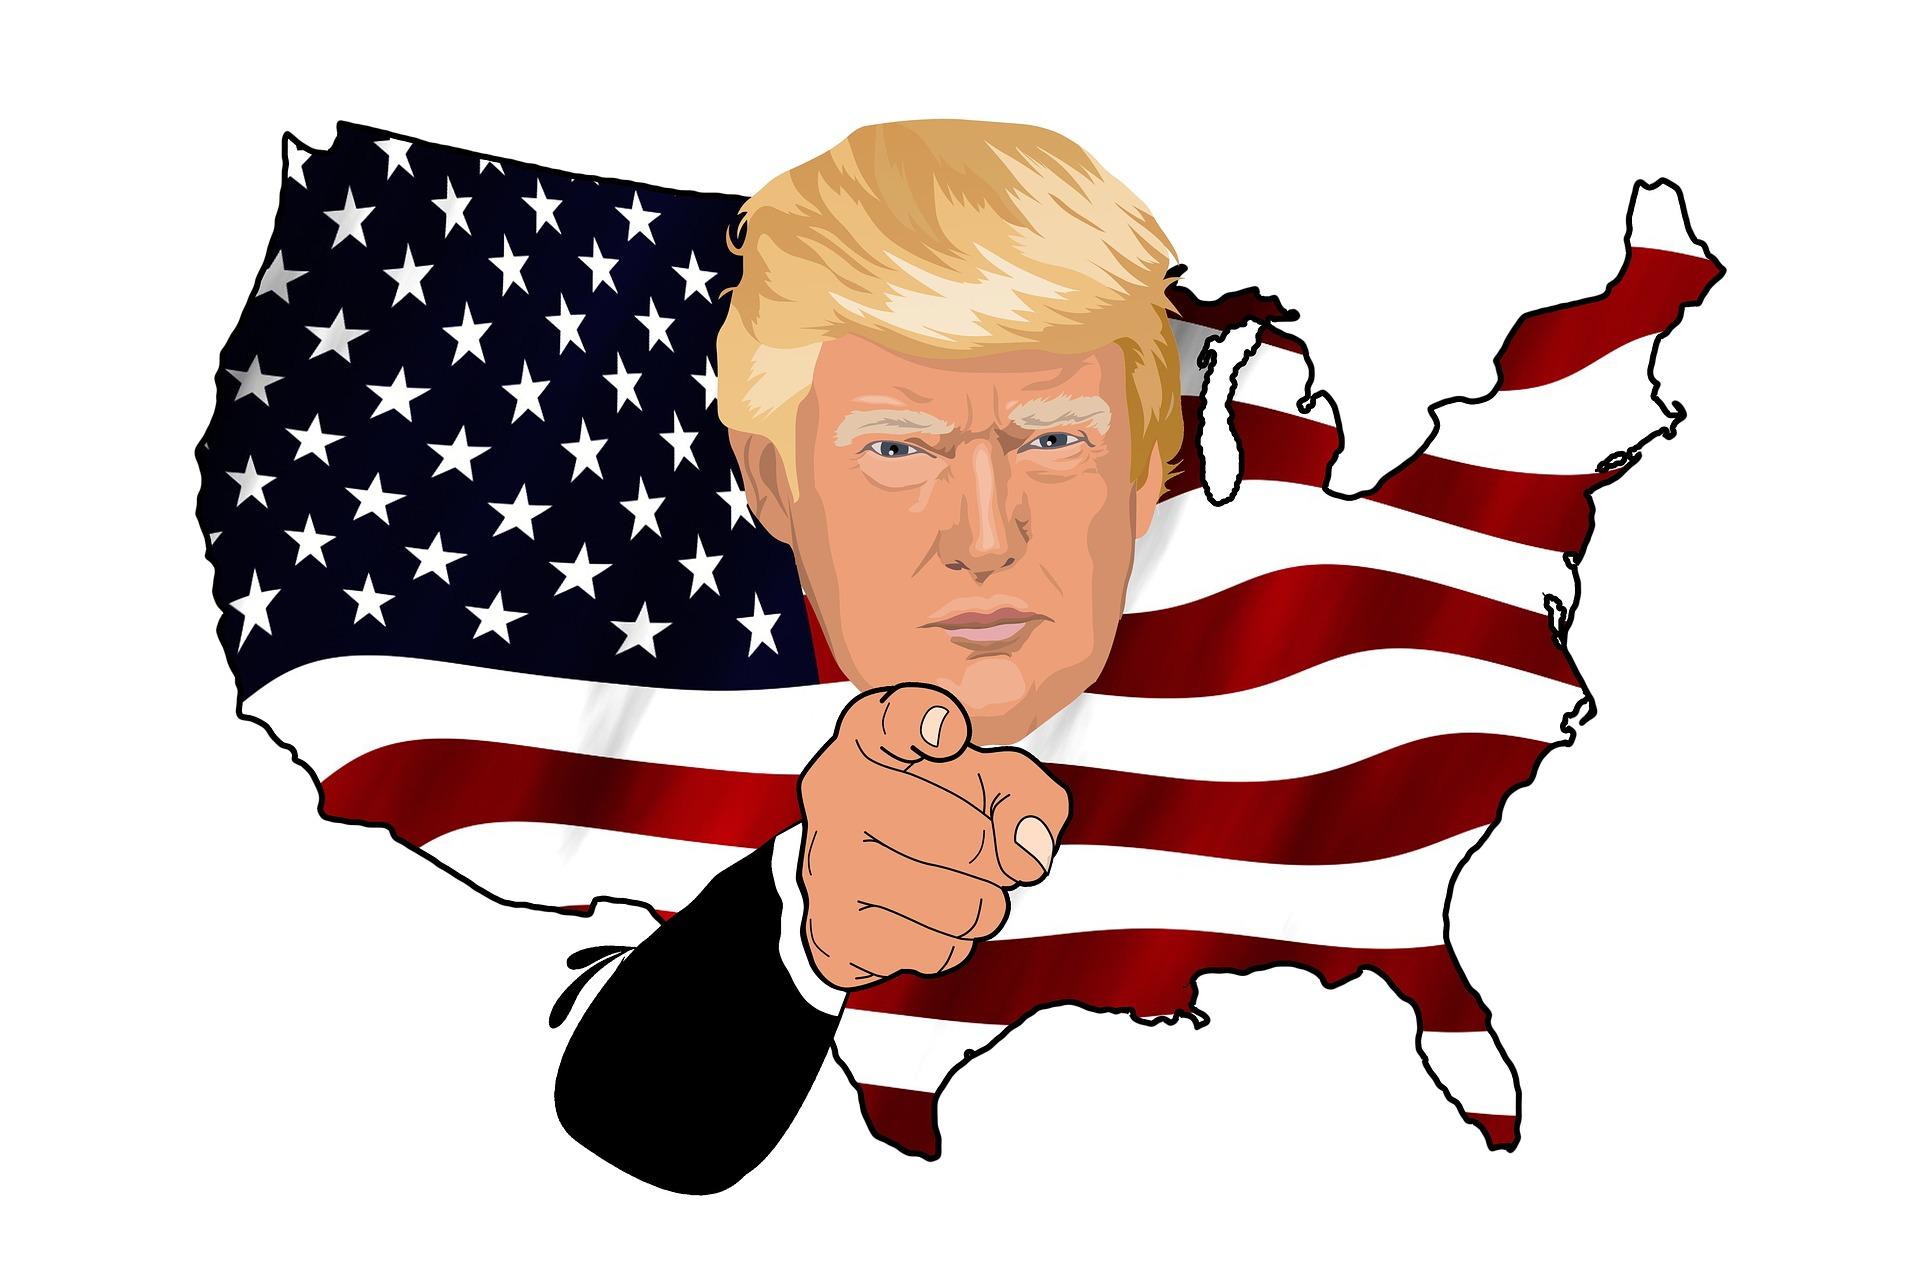 pixabay.com   geralt   Corona-Pandemie als Vorwand: Die Erdölbranche in den USA darf nun offiziell Umweltauflagen umgehen.